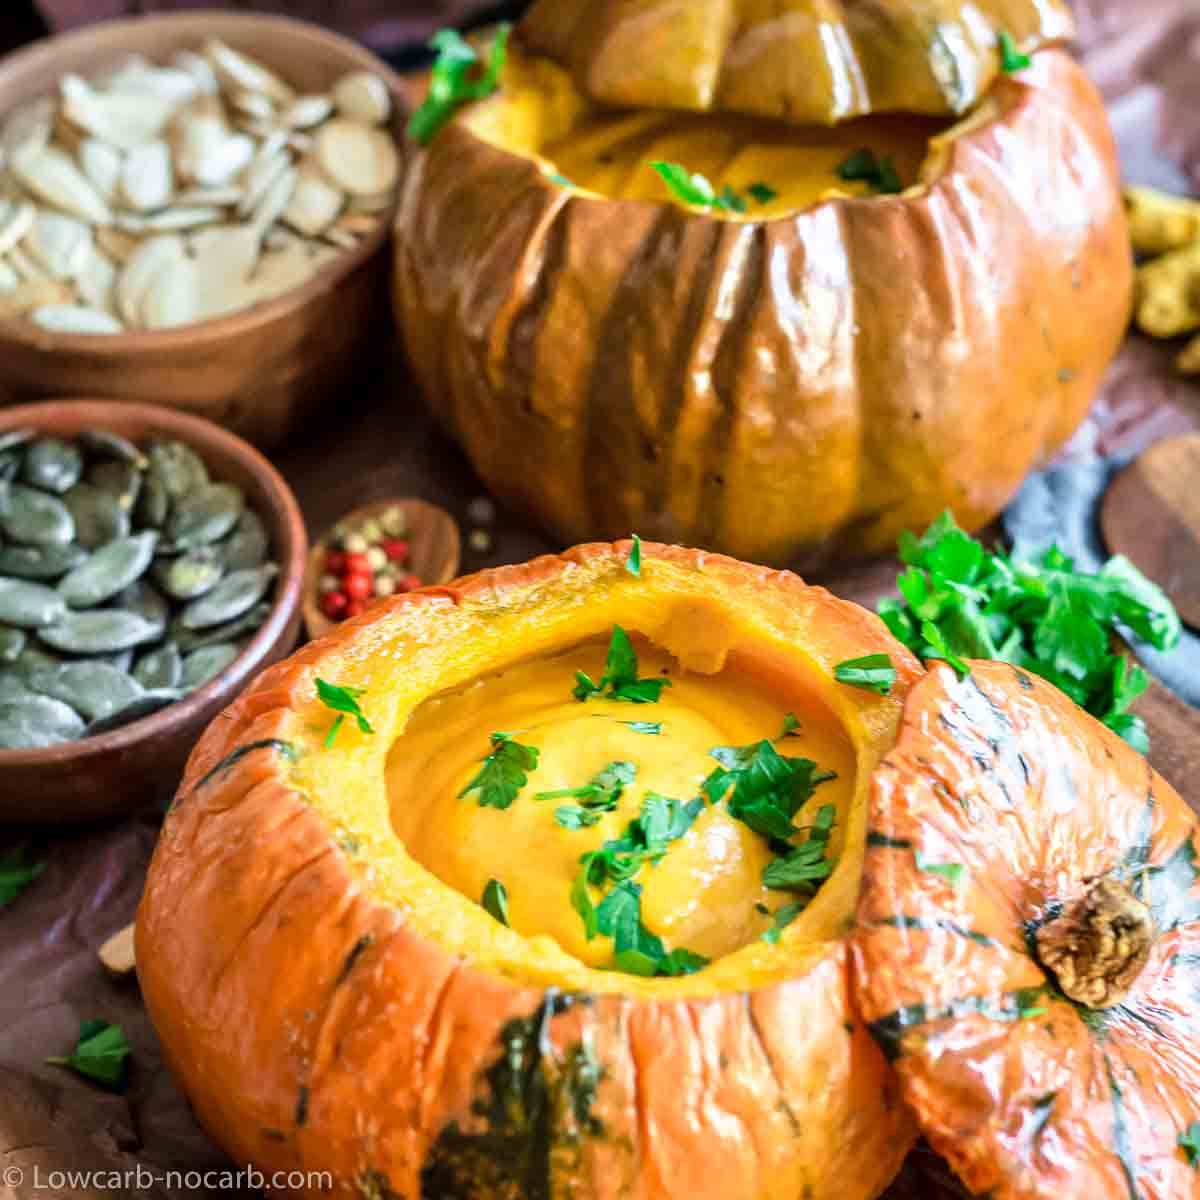 Pumpkin Soup served inside baked pumpkin